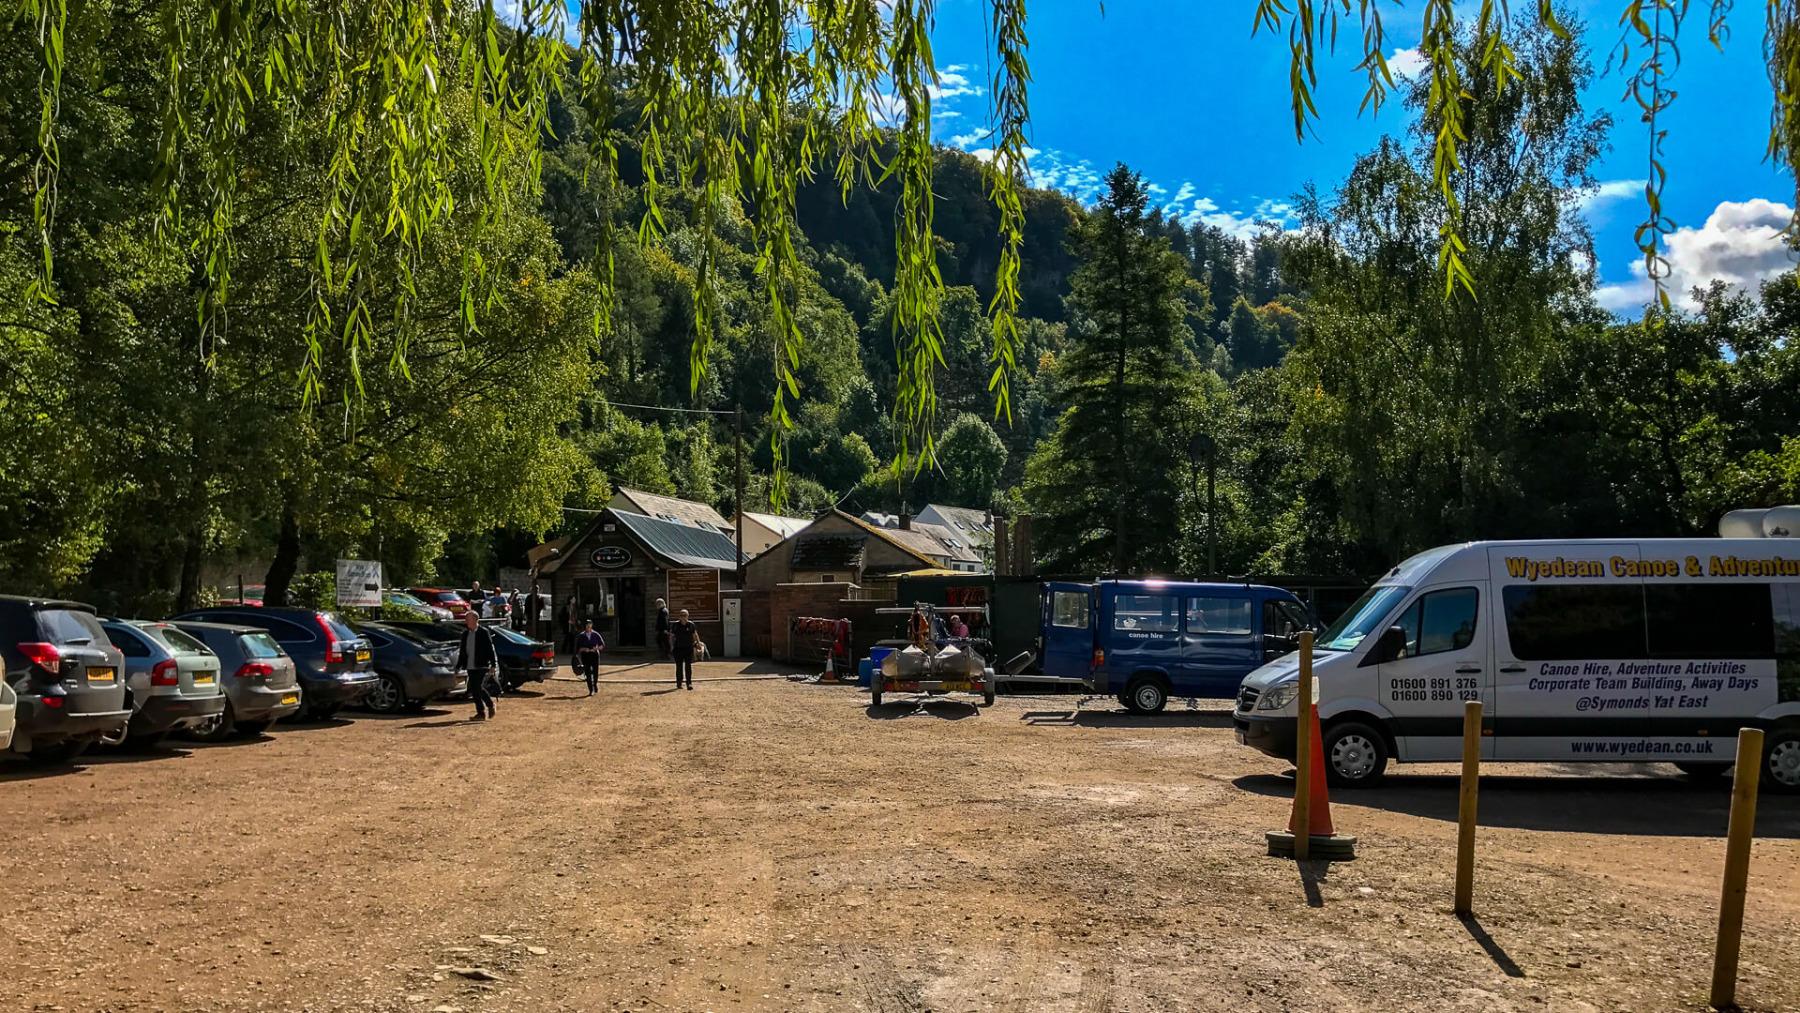 symonds-yat-east-canoe-hire-car-park-2